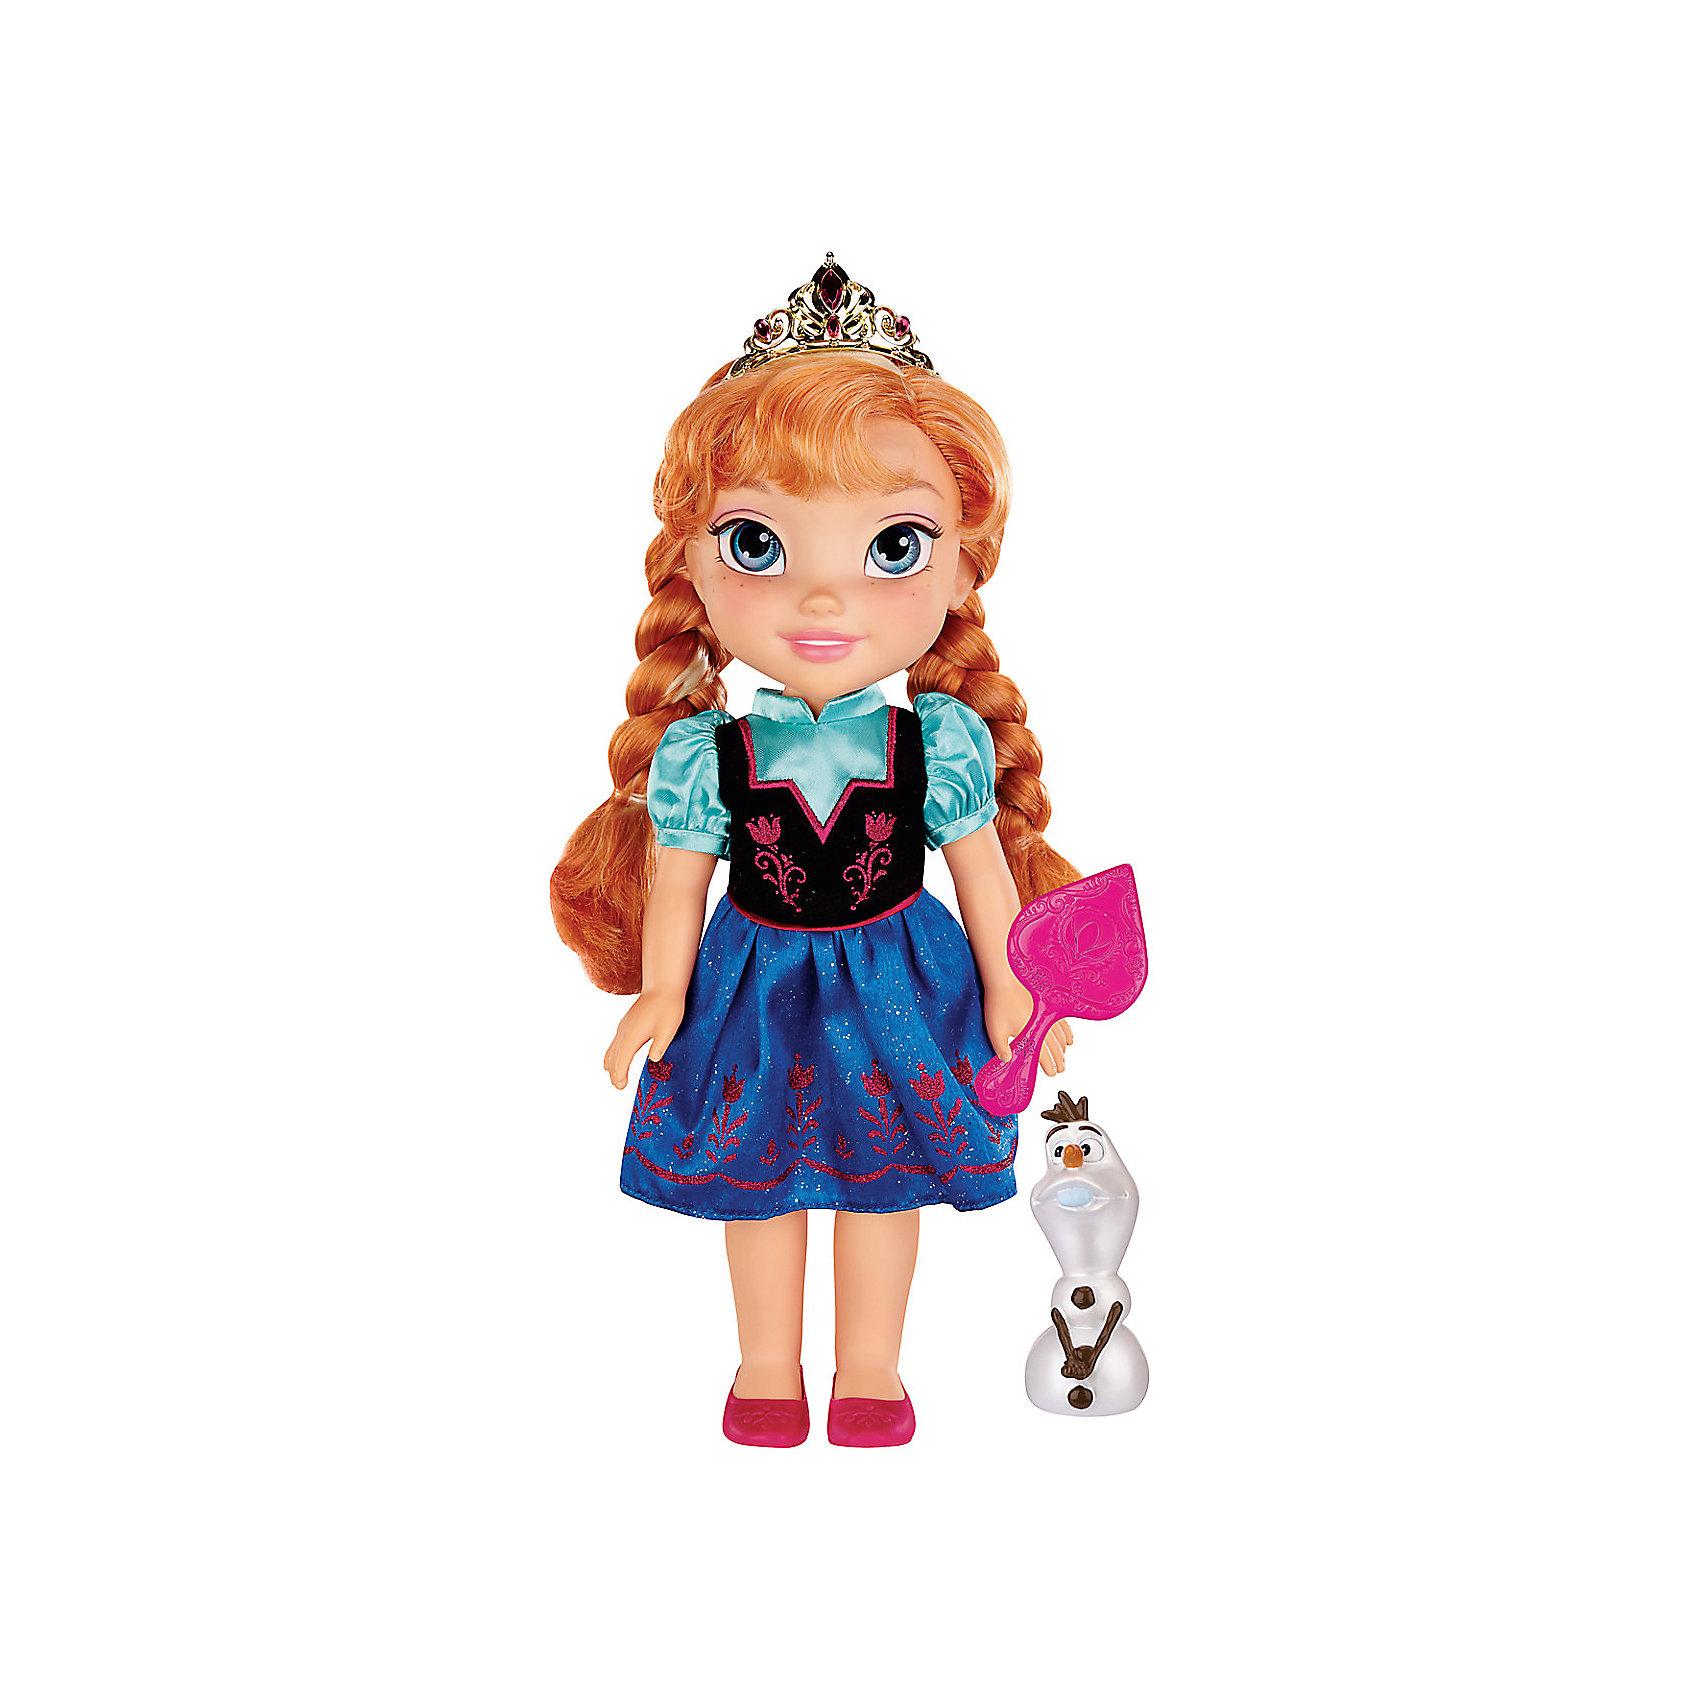 Кукла Анна, 35 см, Холодное сердцеХарактеристики:<br><br>• высота куклы: 35 см;<br>• комплектация: кукла, снеговик Олаф, аксессуары;<br>• аксессуары: диадема, зеркальце;<br>• материал: пластик, текстиль, нейлон;<br>• размер упаковки: 38,5х20,5х12 см;<br>• вес: 790 г.<br><br>Кукла-принцесса Анна одета в платье, в котором была ее героиня из мультфильма Frozen. На ножках розовенькие туфельки. В руках кукла Анна держит зеркальце, чтобы в любой момент можно было поправить прическу или воротничок. Нейлоновые волосы куклы густые и мягкие на ощупь, Анне можно делать различные прически. Верный друг девочек – снеговик Олаф – сопровождает Анну в наборе Jakks pacific.<br><br>Куклу Анна, 35 см, Холодное сердце можно купить в нашем магазине.<br><br>Ширина мм: 205<br>Глубина мм: 385<br>Высота мм: 120<br>Вес г: 792<br>Возраст от месяцев: 36<br>Возраст до месяцев: 2147483647<br>Пол: Женский<br>Возраст: Детский<br>SKU: 5296178